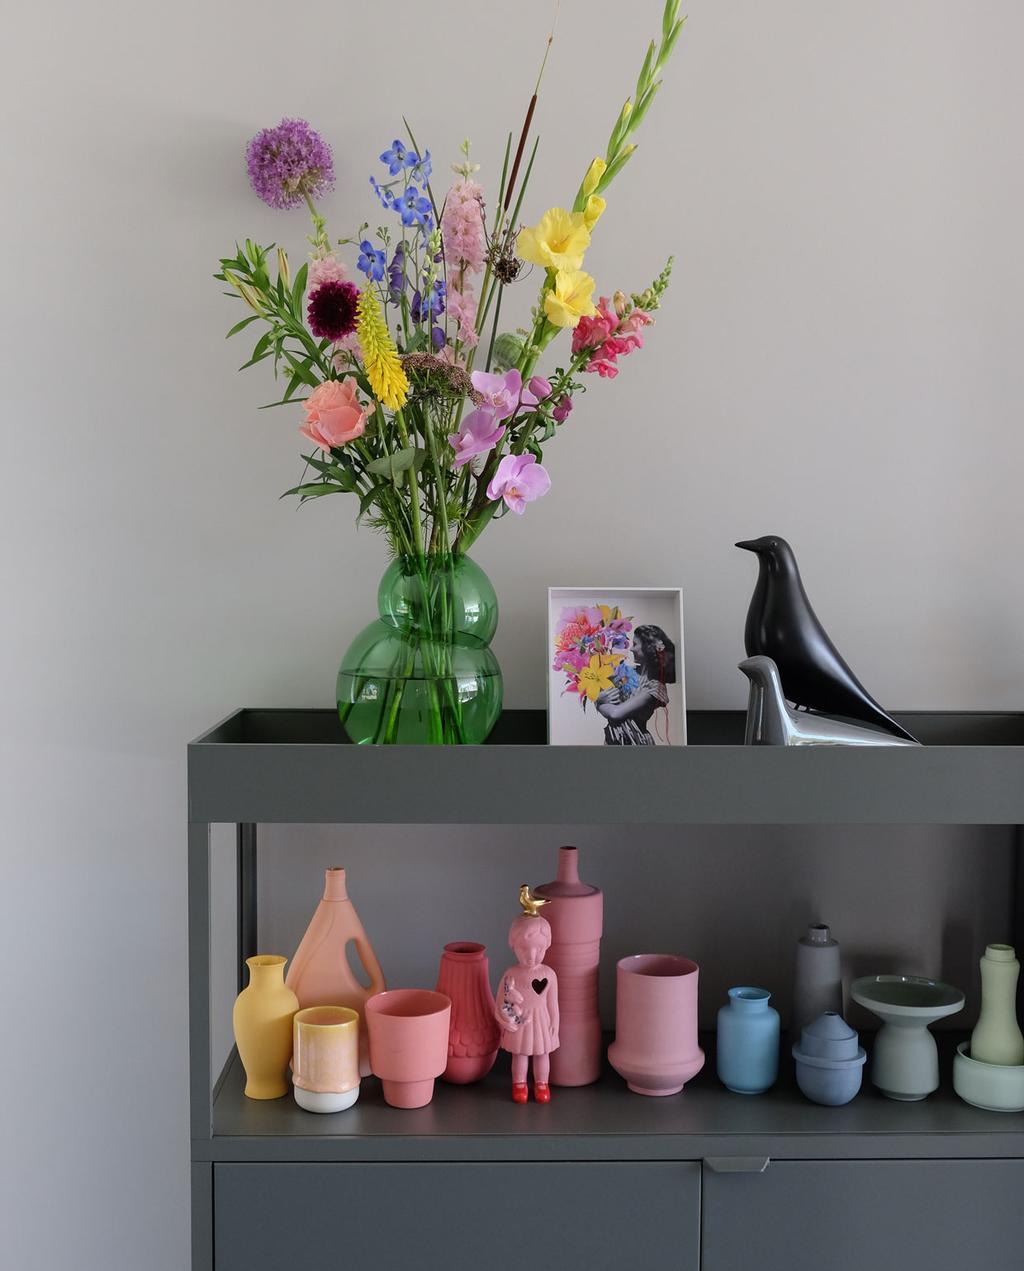 Blog PRCHTG | vtwonen | grijze trolley en vaas over Studio de Winkel